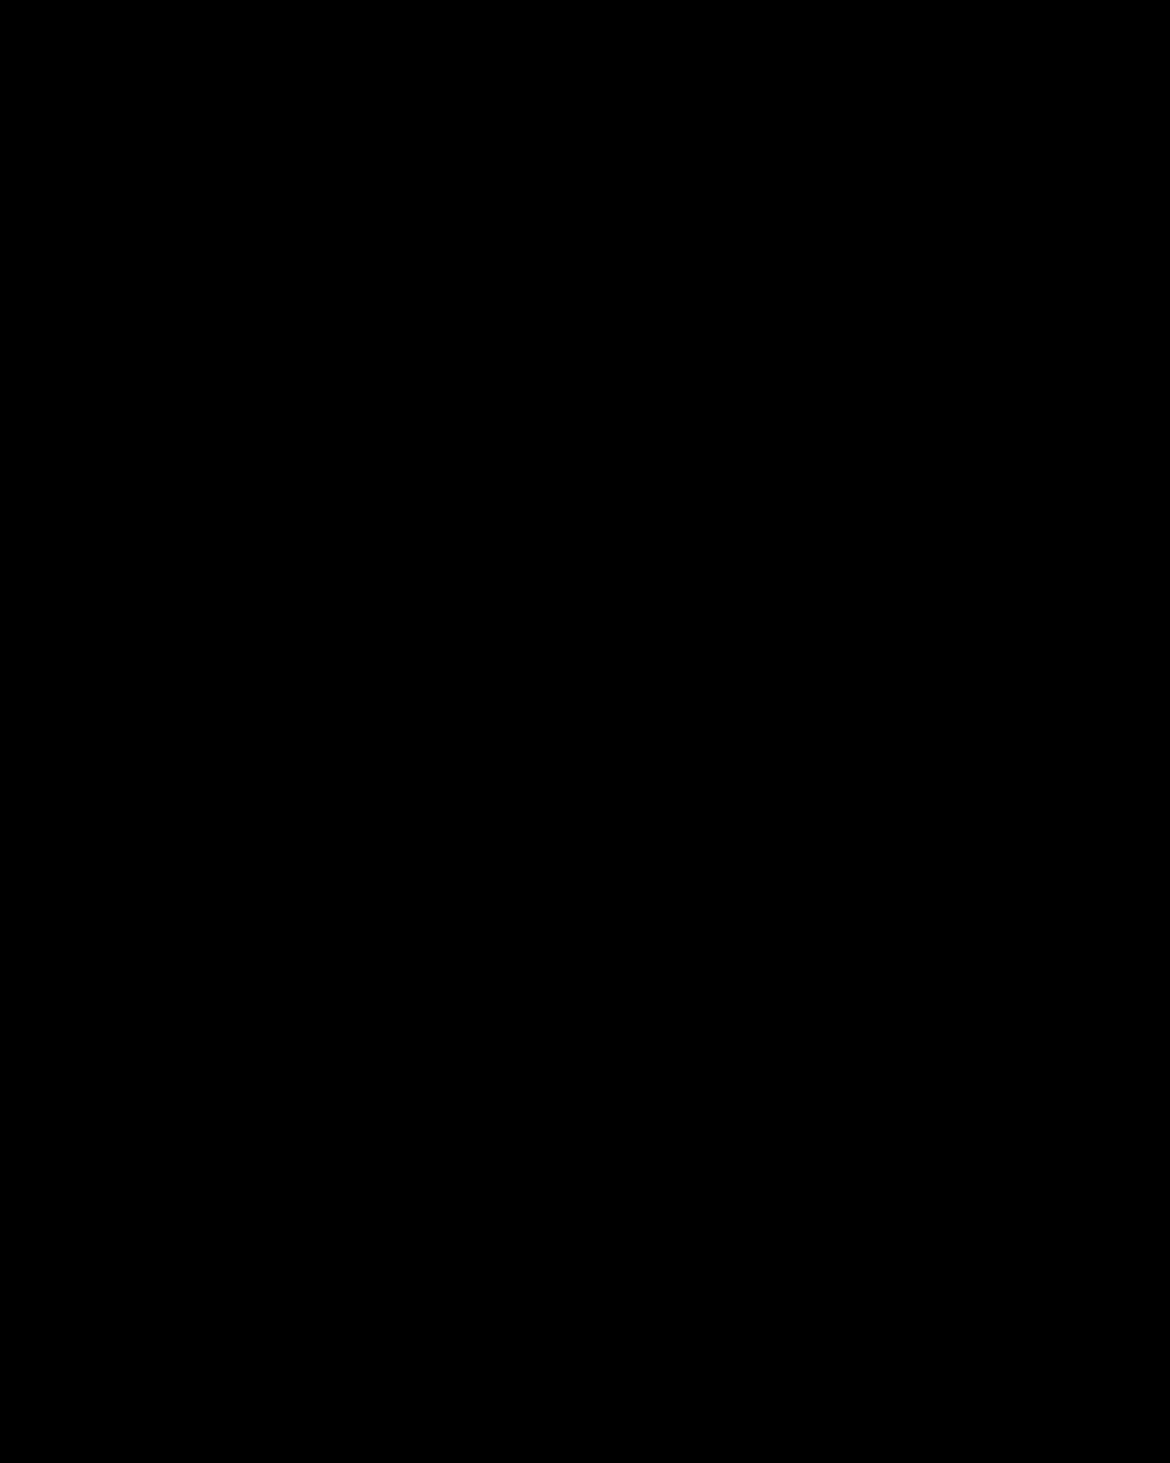 Laura Comolli - Cosa vedere all'Avana - Tetto del Ristorante La Guarida